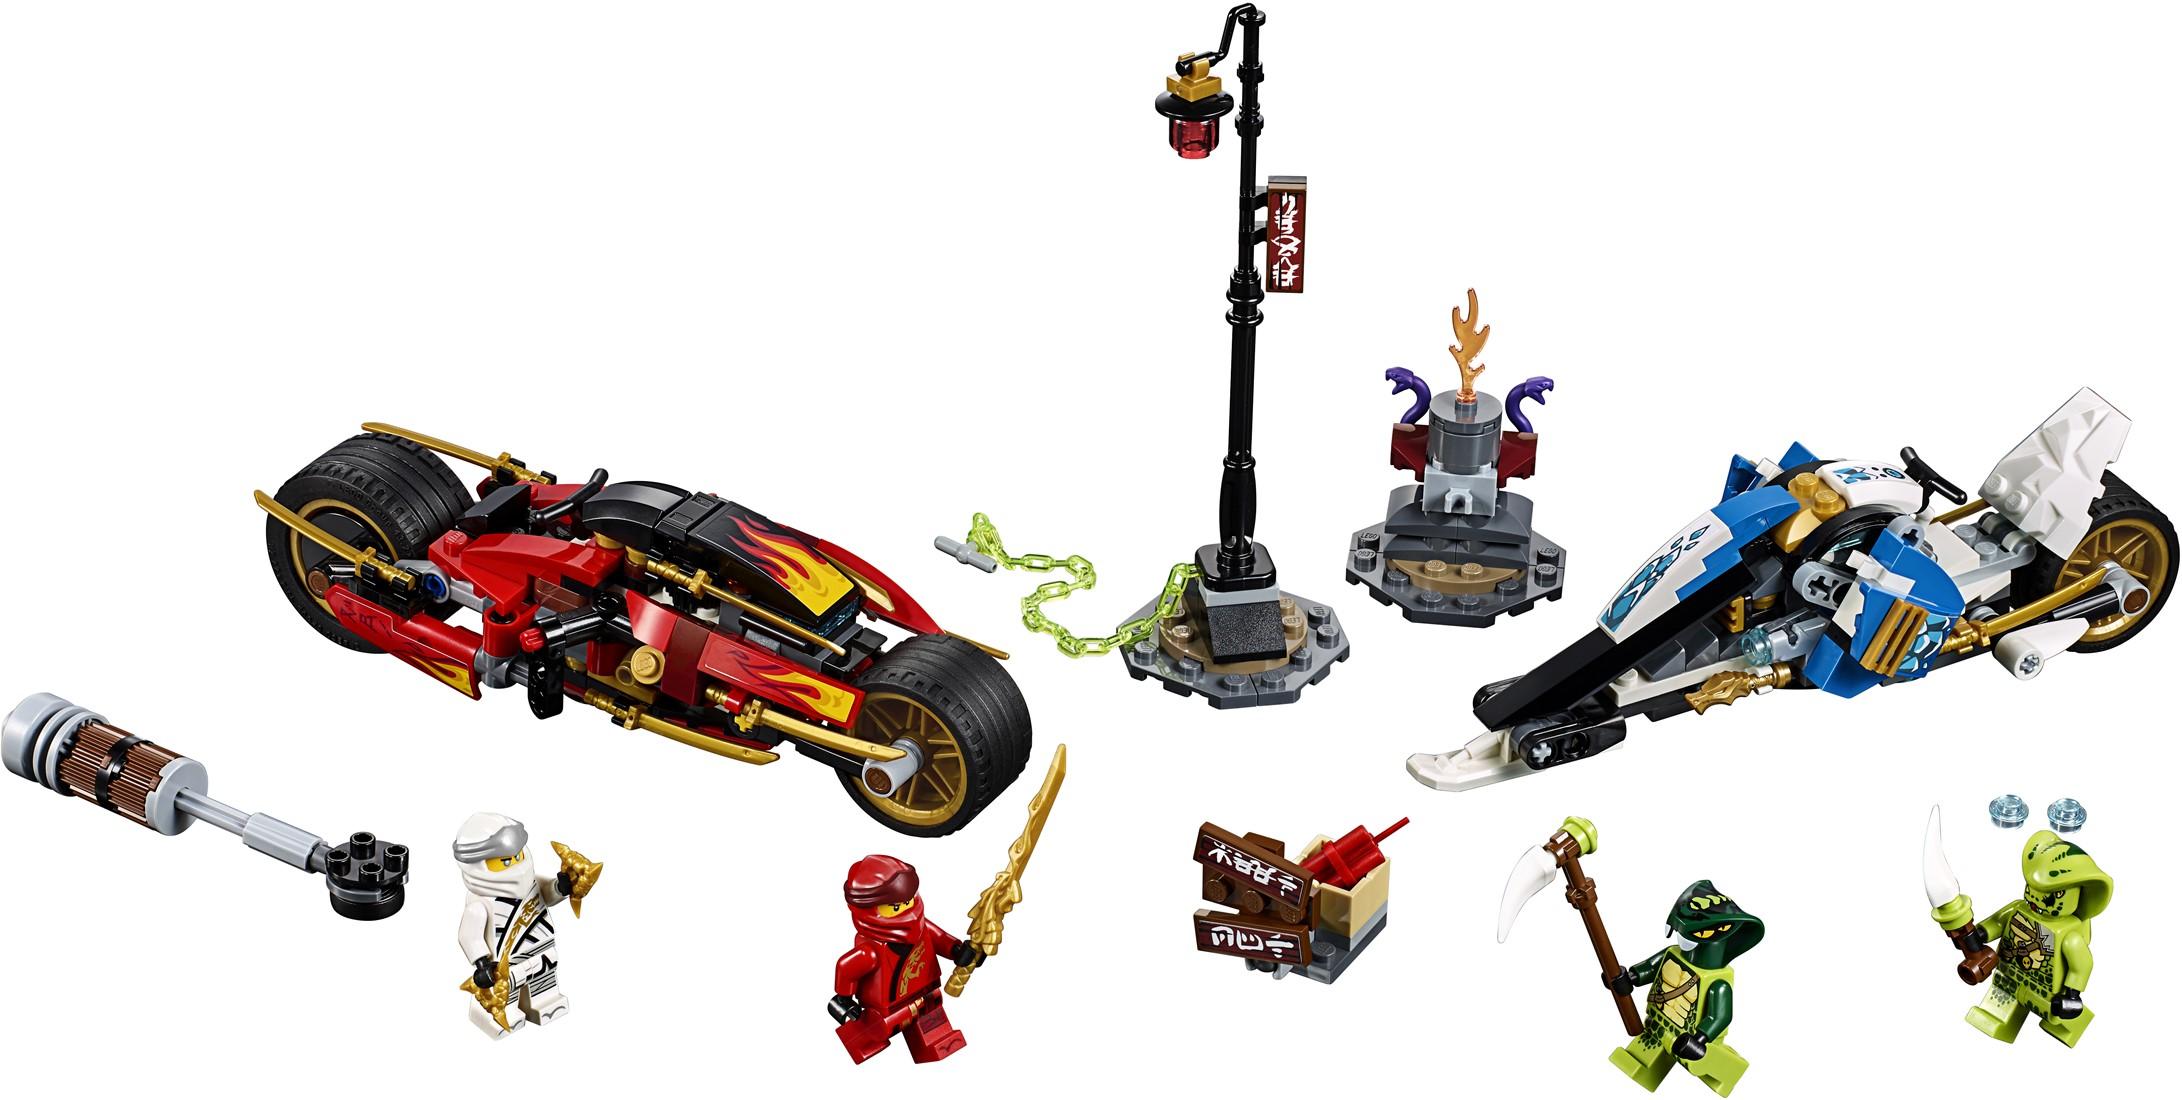 LEGO Ninjago zwaardmotor van Kai en sneeuwscooter van Zane 70667